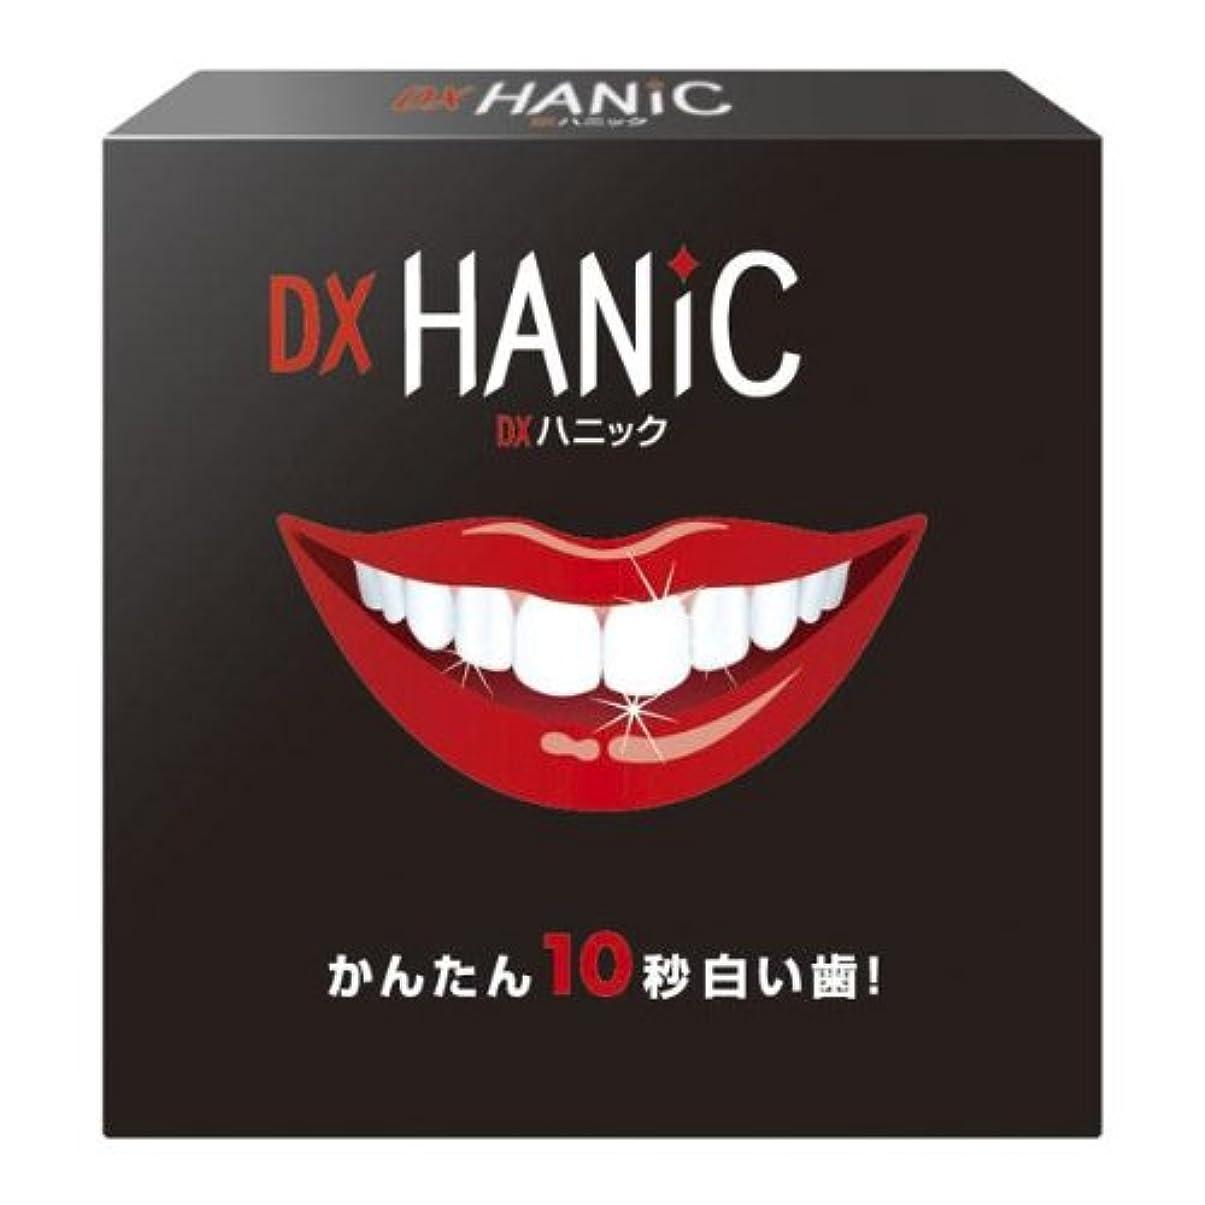 愛情狂気最適DXハニック デンタルコットン付き(歯のマニュキア?ペンタイプ) 【人気 おすすめ 】